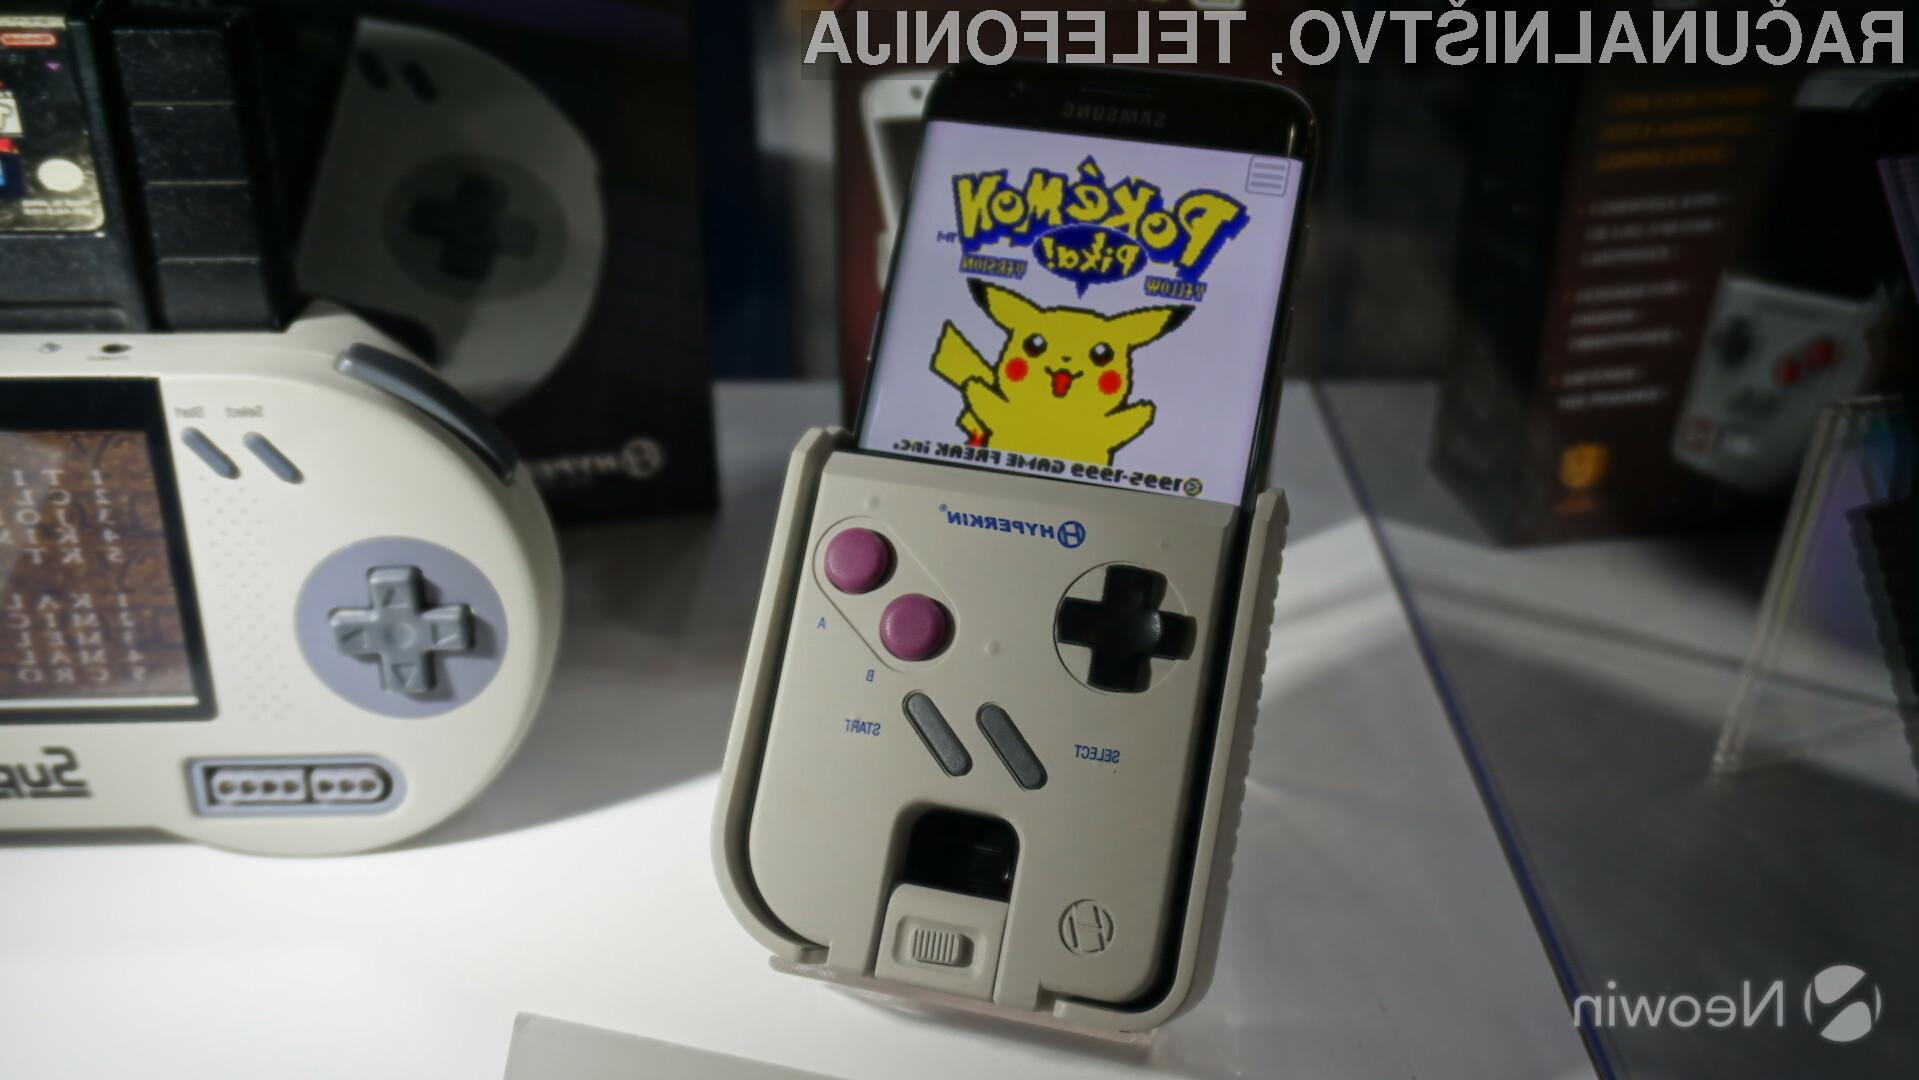 Dodatek Hyperkin Smart Boy odlično posnema priljubljeni GameBoy.